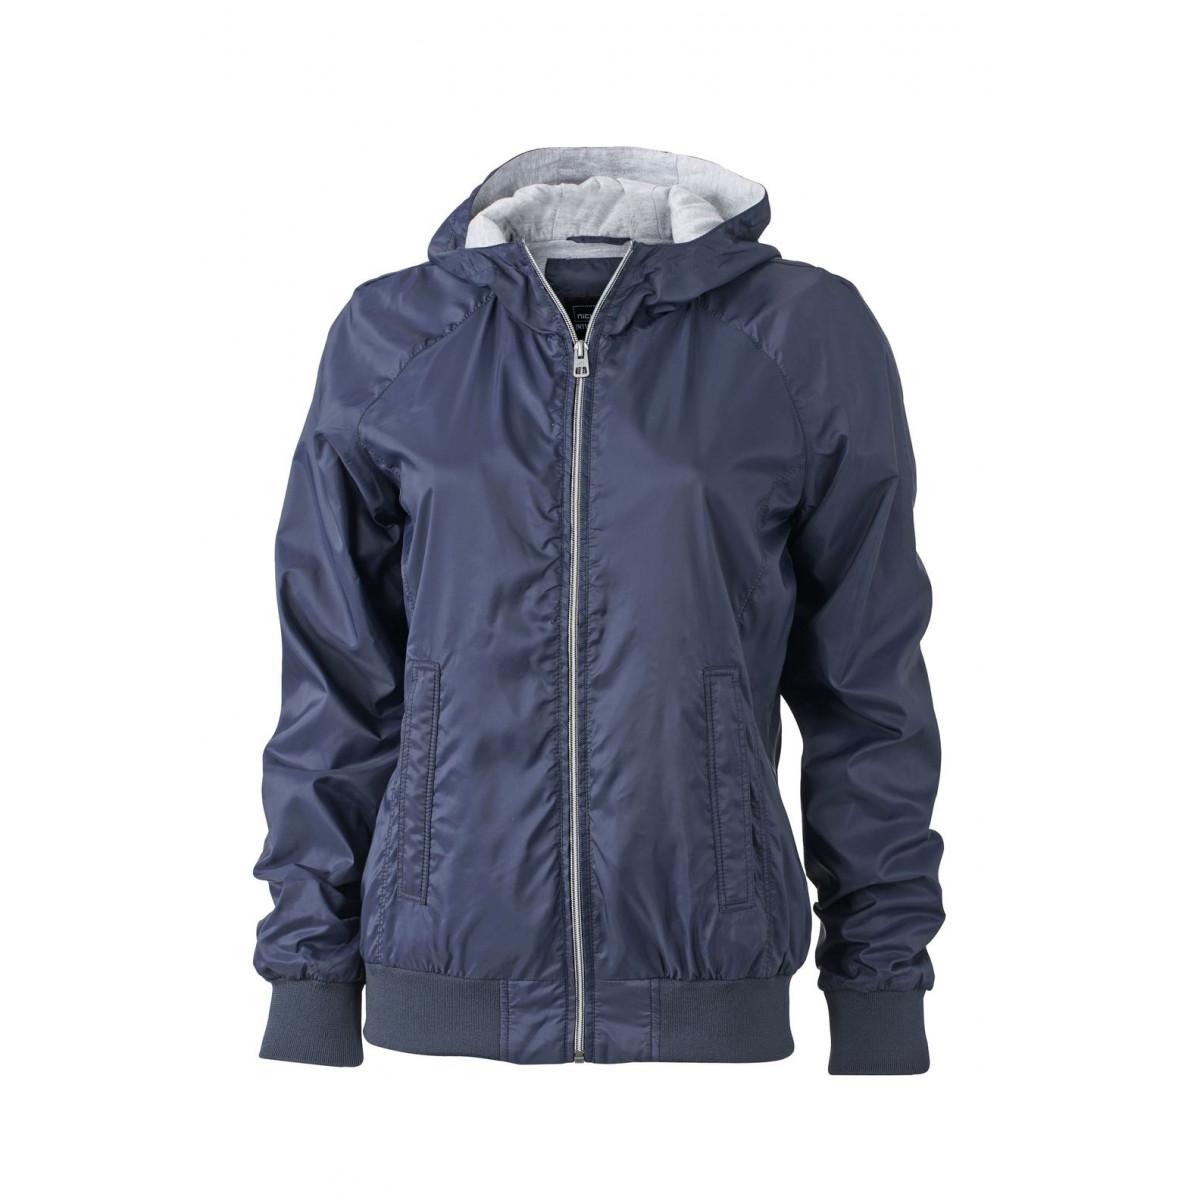 Куртка женская JN1107 Ladies Sports Jacket - Темно-синий/Темно-синий